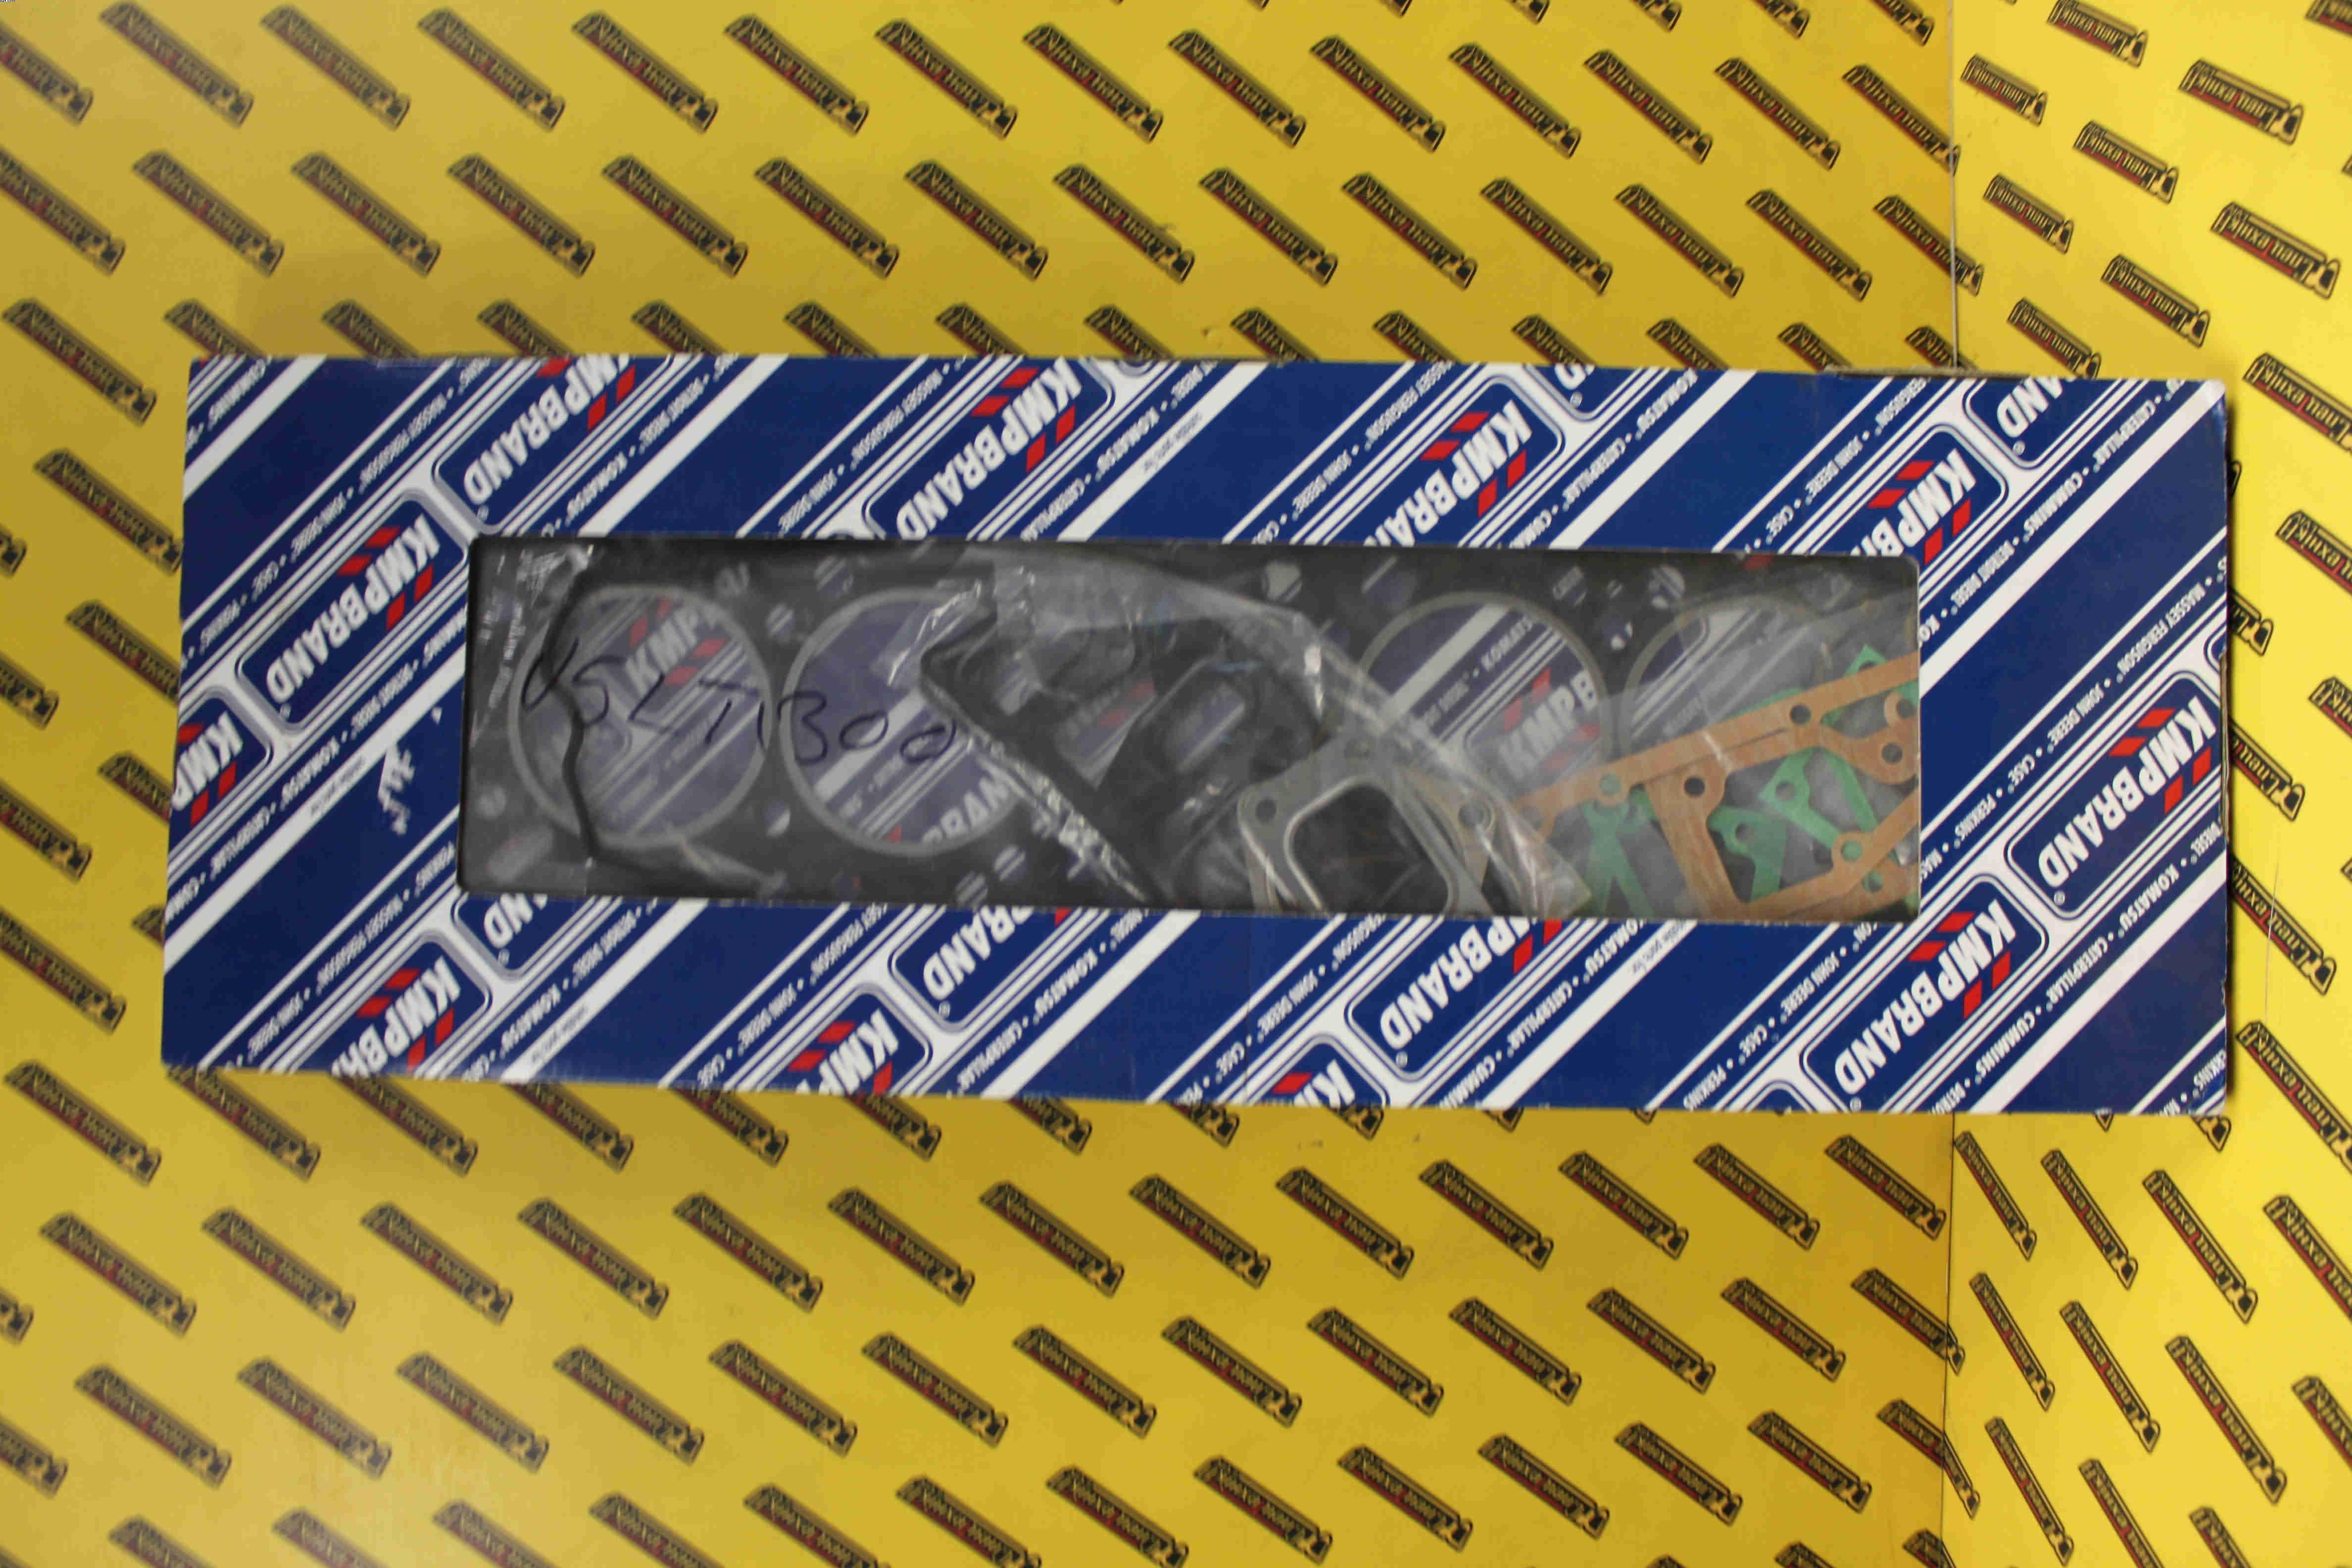 Комплект прокладок верхний Perkins 1006-60/60T-60TW (U5LT1300) - KMP (KM1U5LB1300)